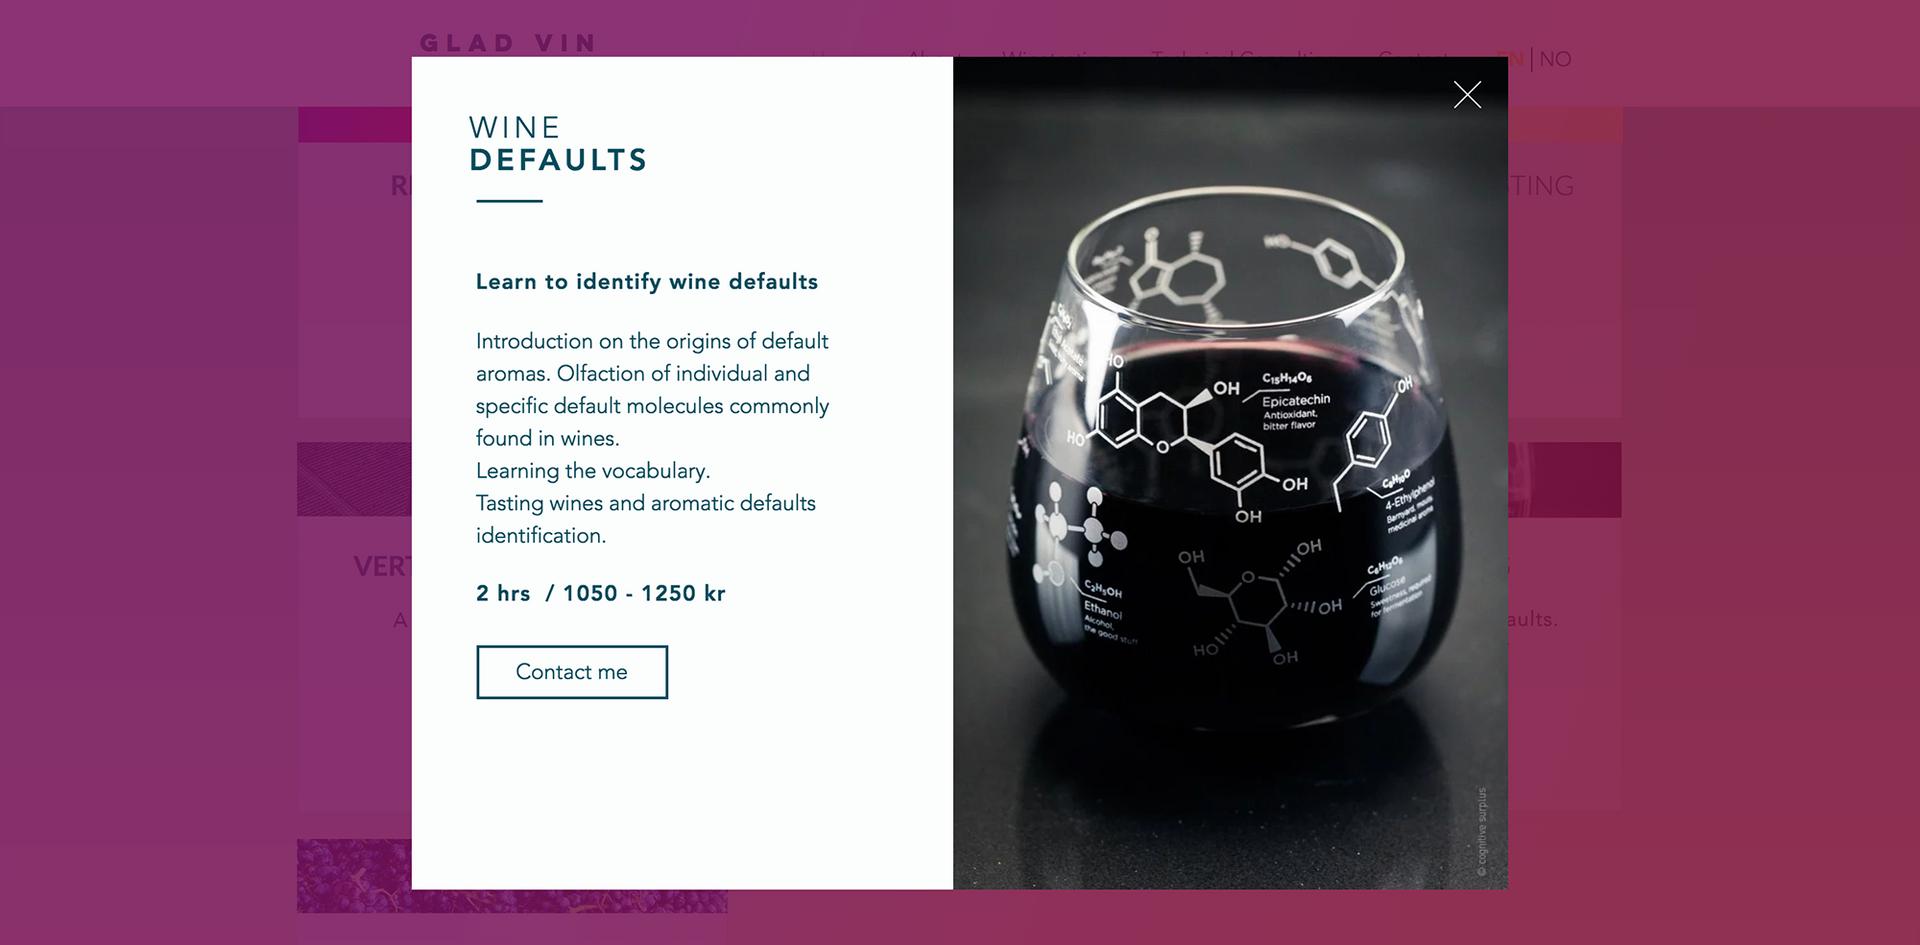 Wine defaults